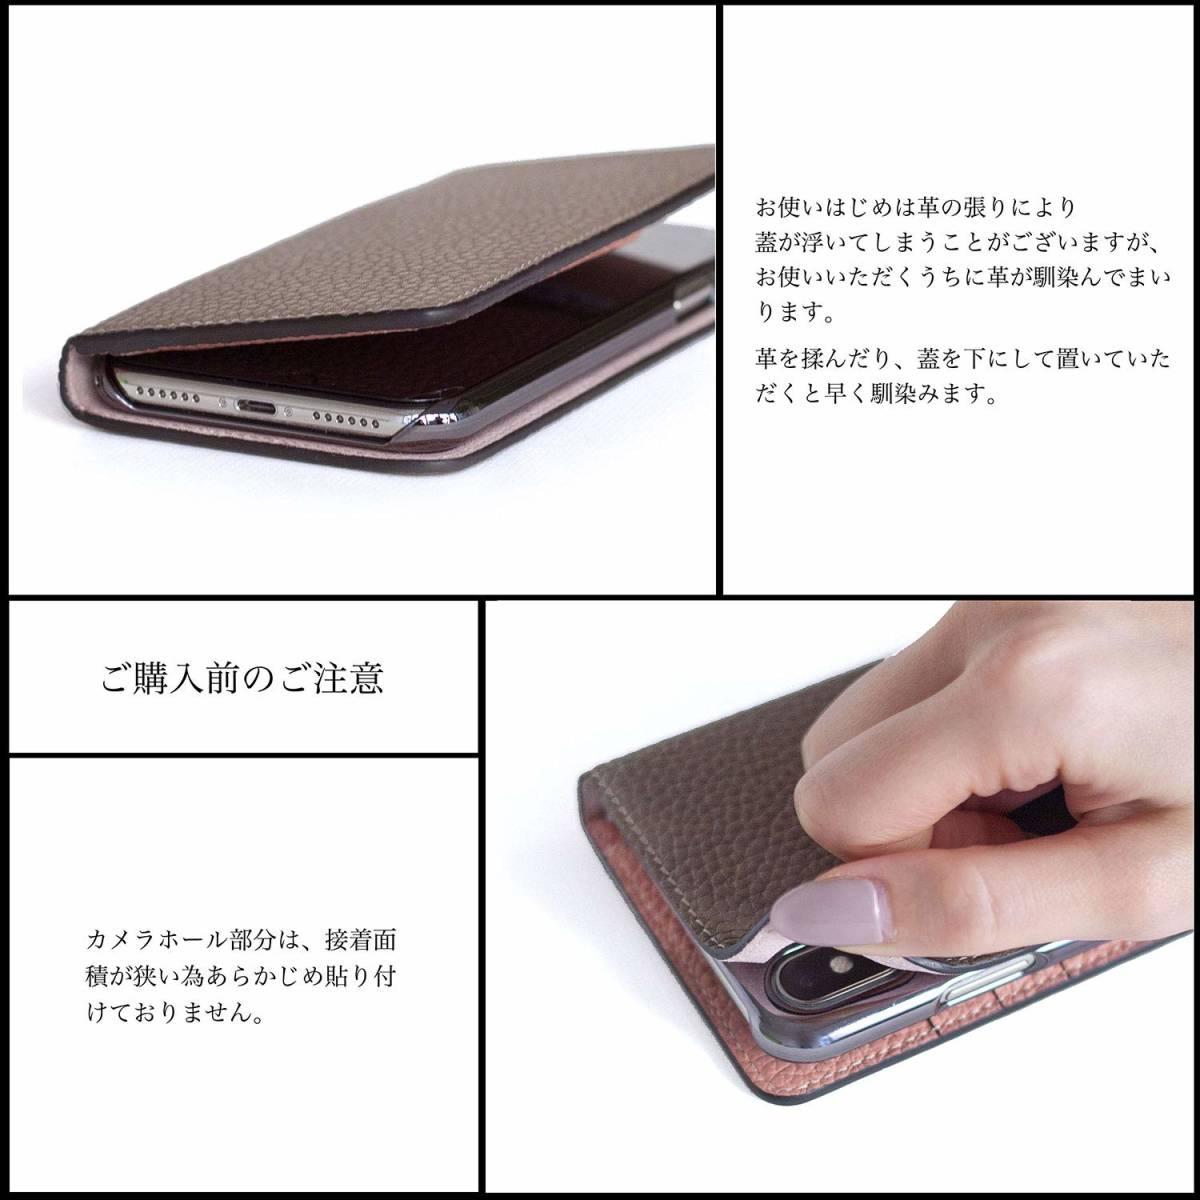 BONAVENTURA ボナベンチュラ ダイアリーケース [iPhone 8/7/6/6s, グレージュ×コーラル] BODT8-GGCP_画像6